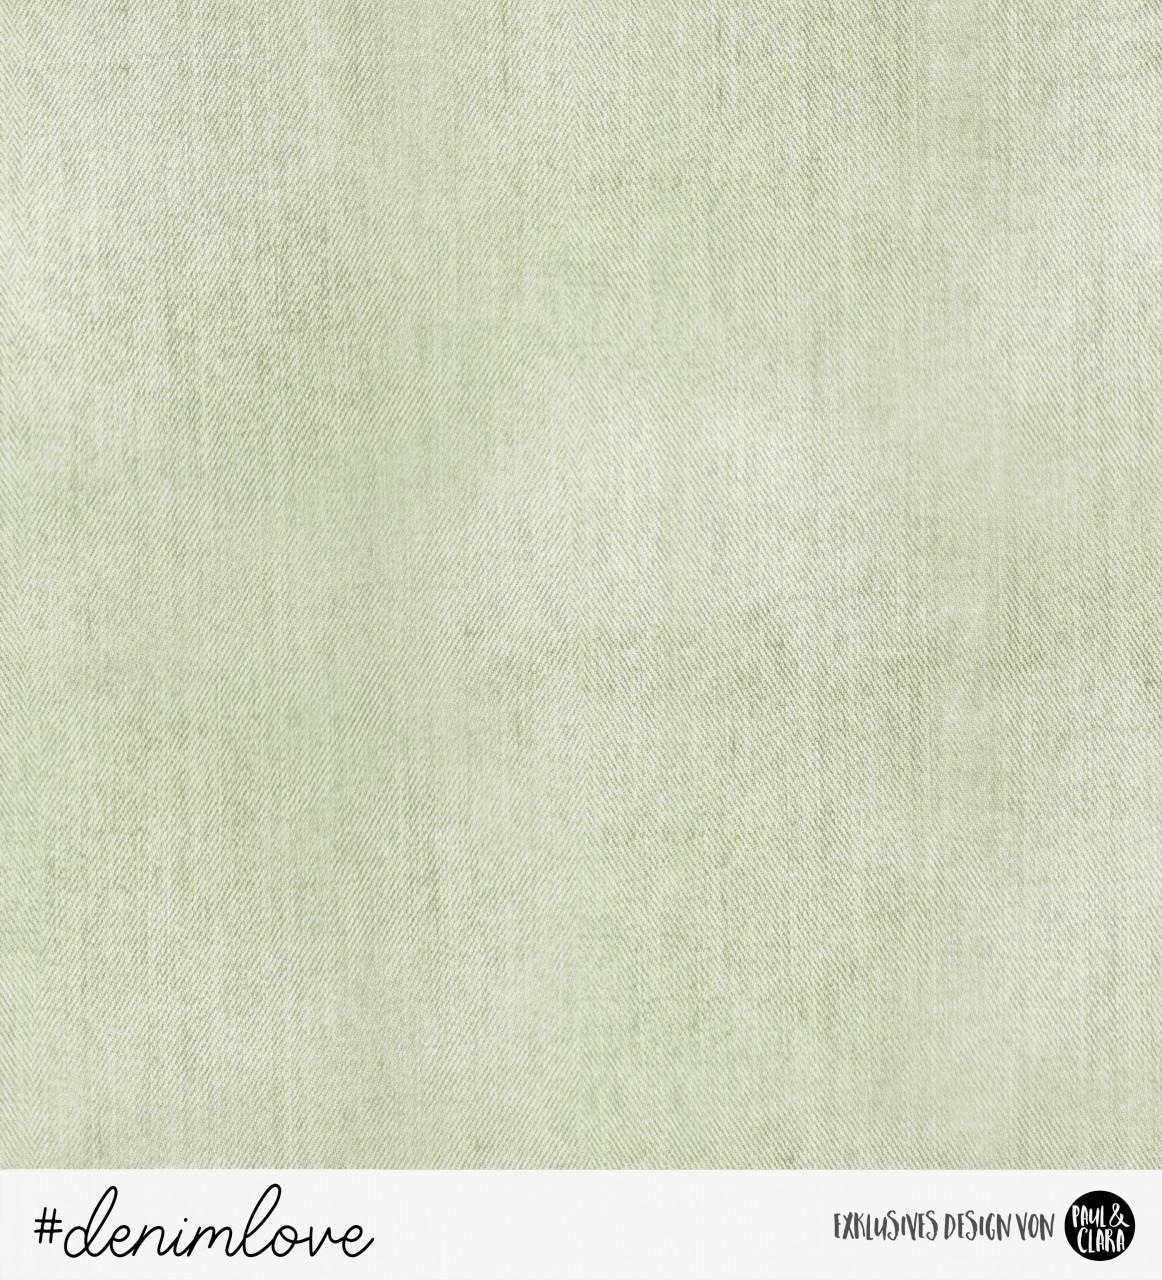 60 cm RESTSTÜCK-denimlove - Jeans Hellgrün *Bio-Sommersweat*-